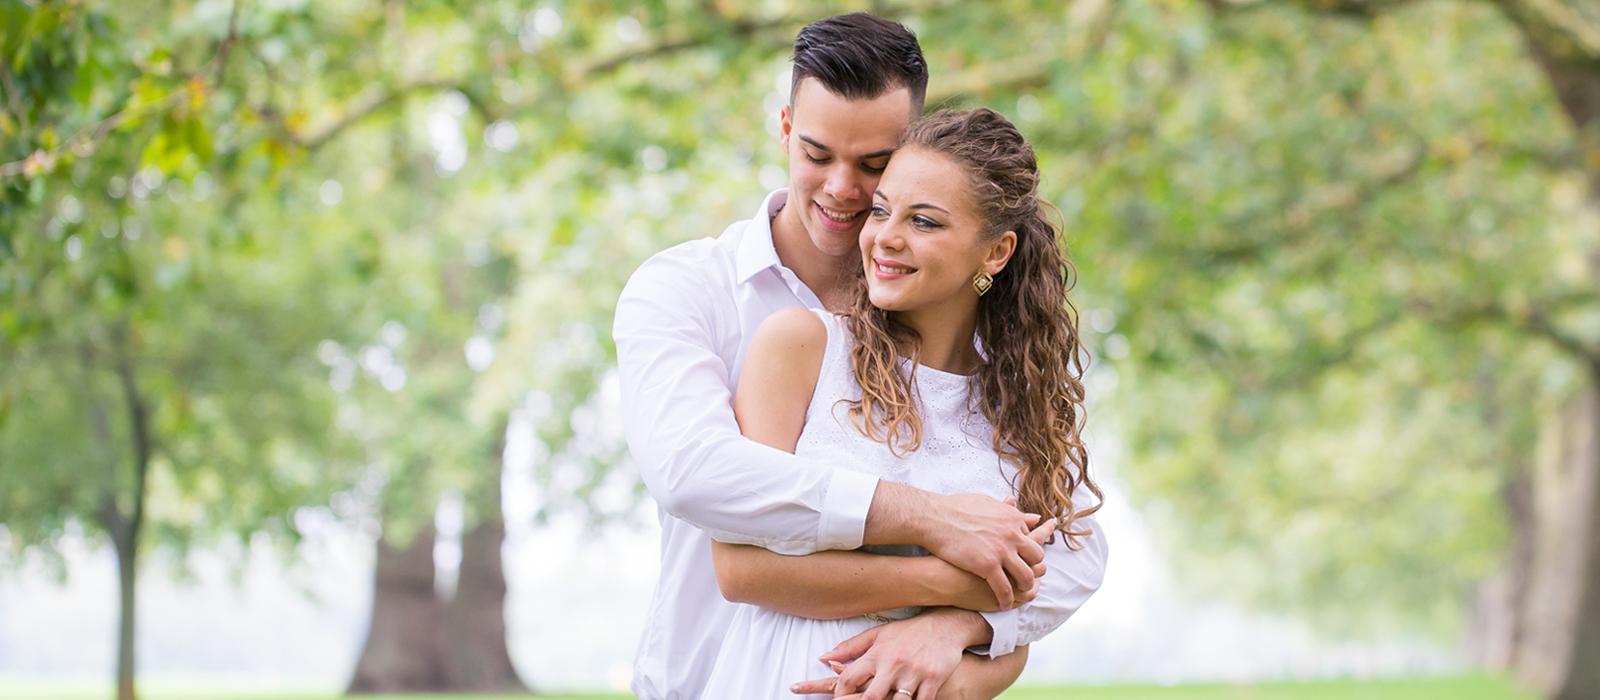 Международные знакомства по всему миру бесплатно знакомства без регистрации бесплатно г.клин